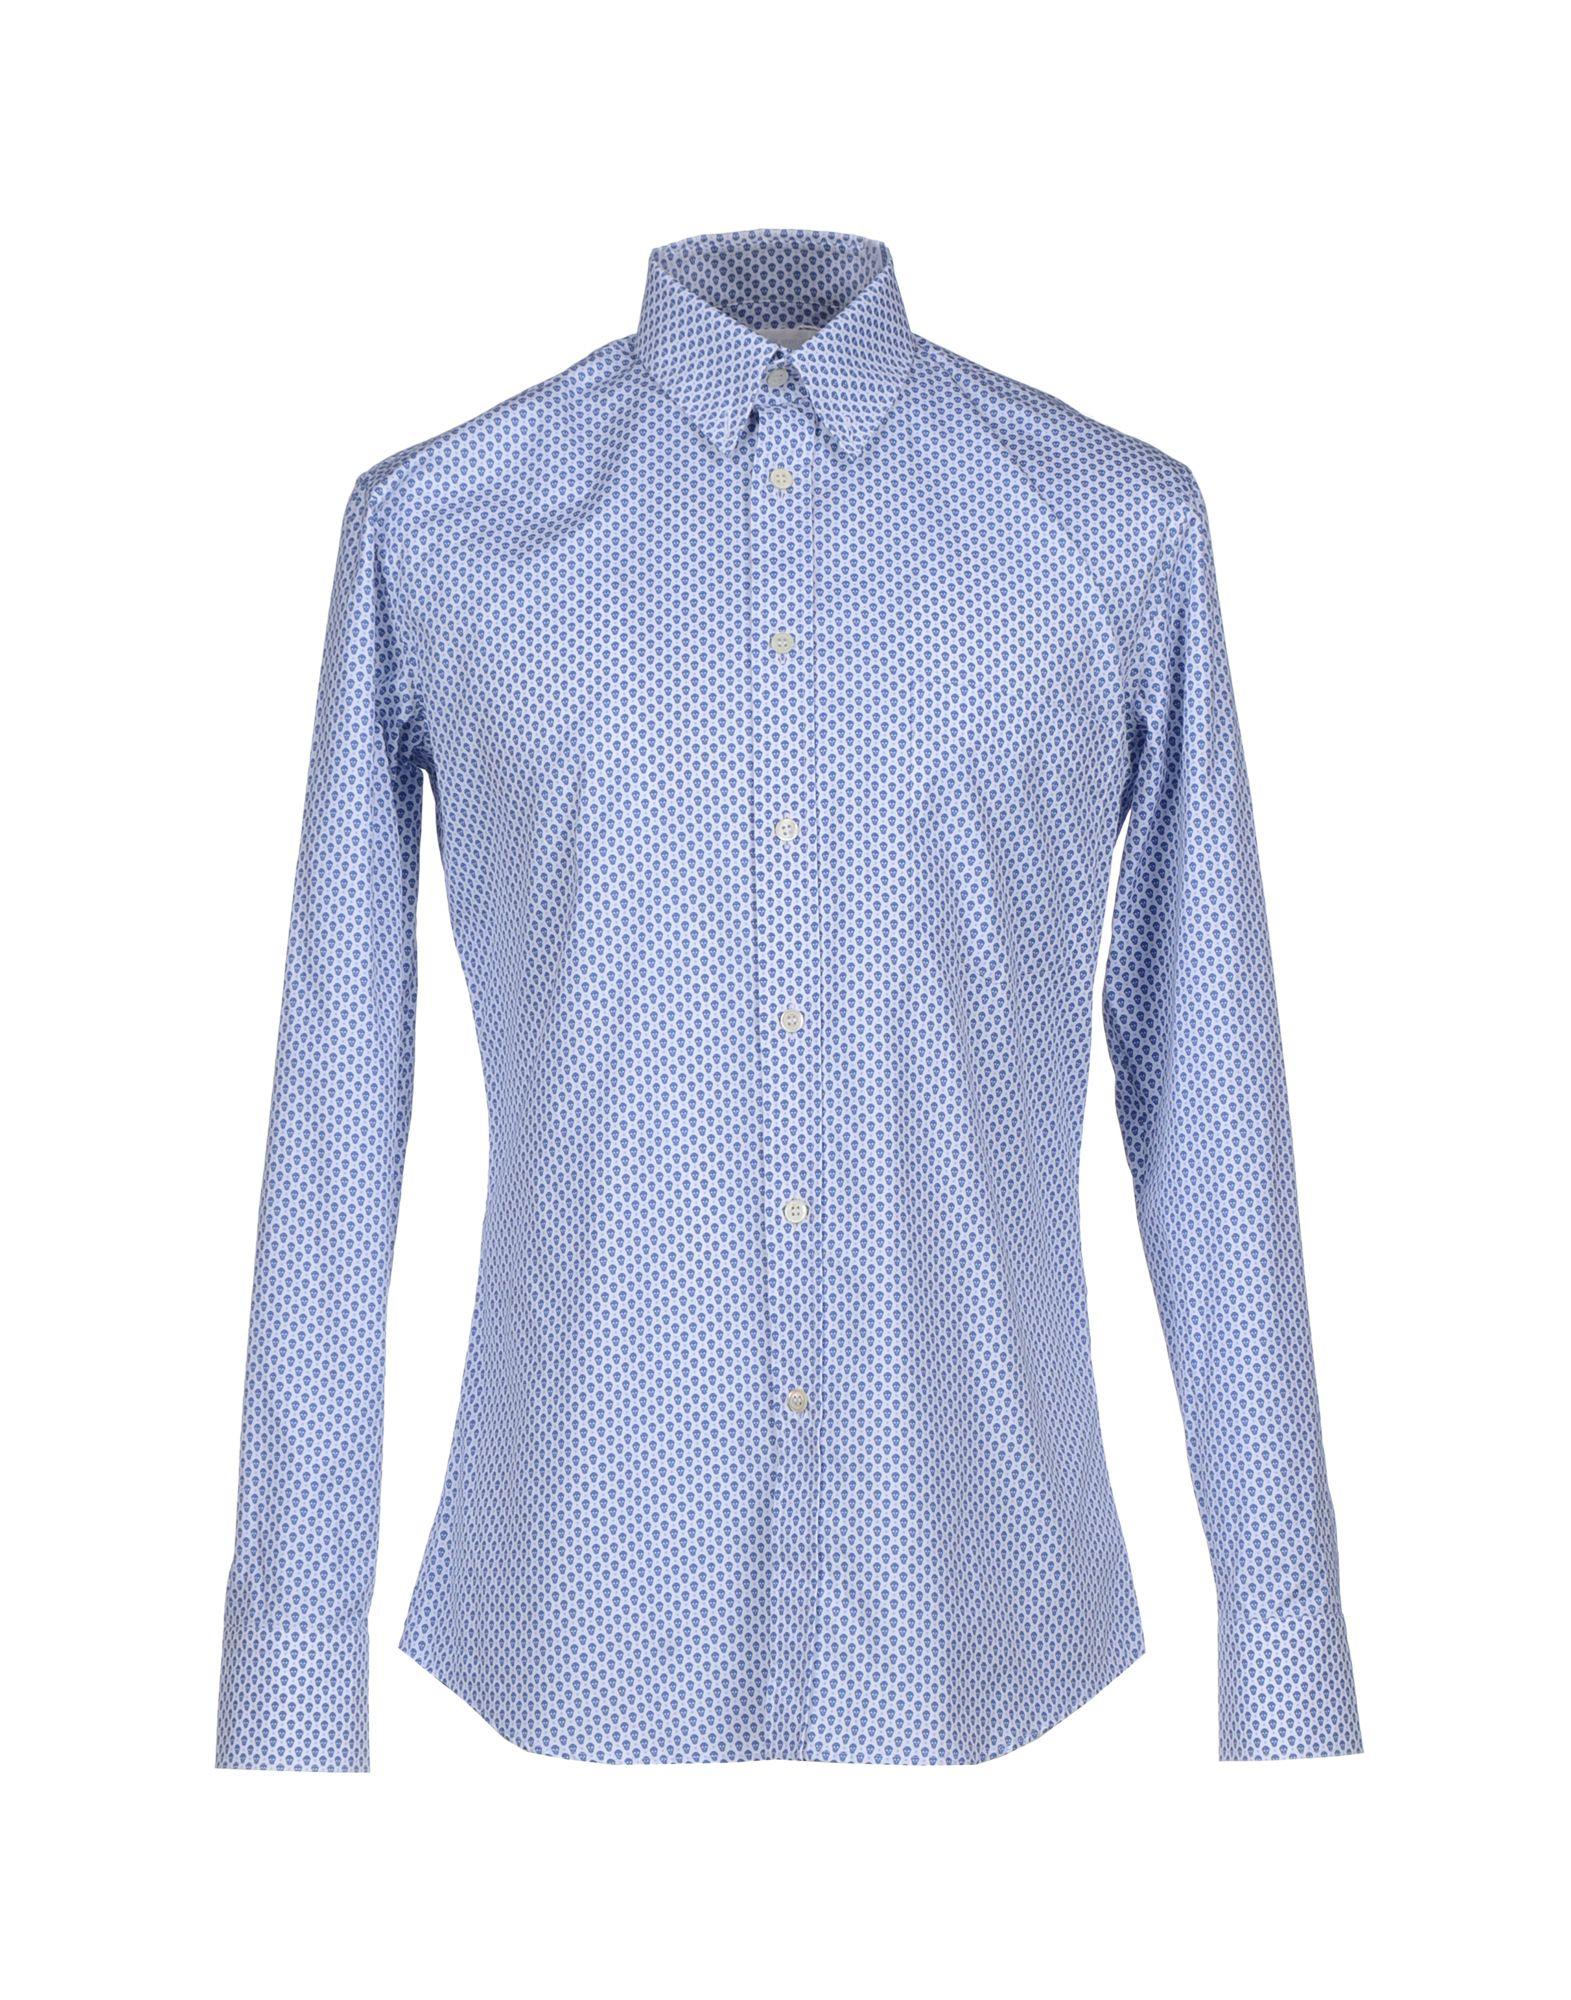 Lyst alexander mcqueen shirt in blue for men for Alexander mcqueen shirt men